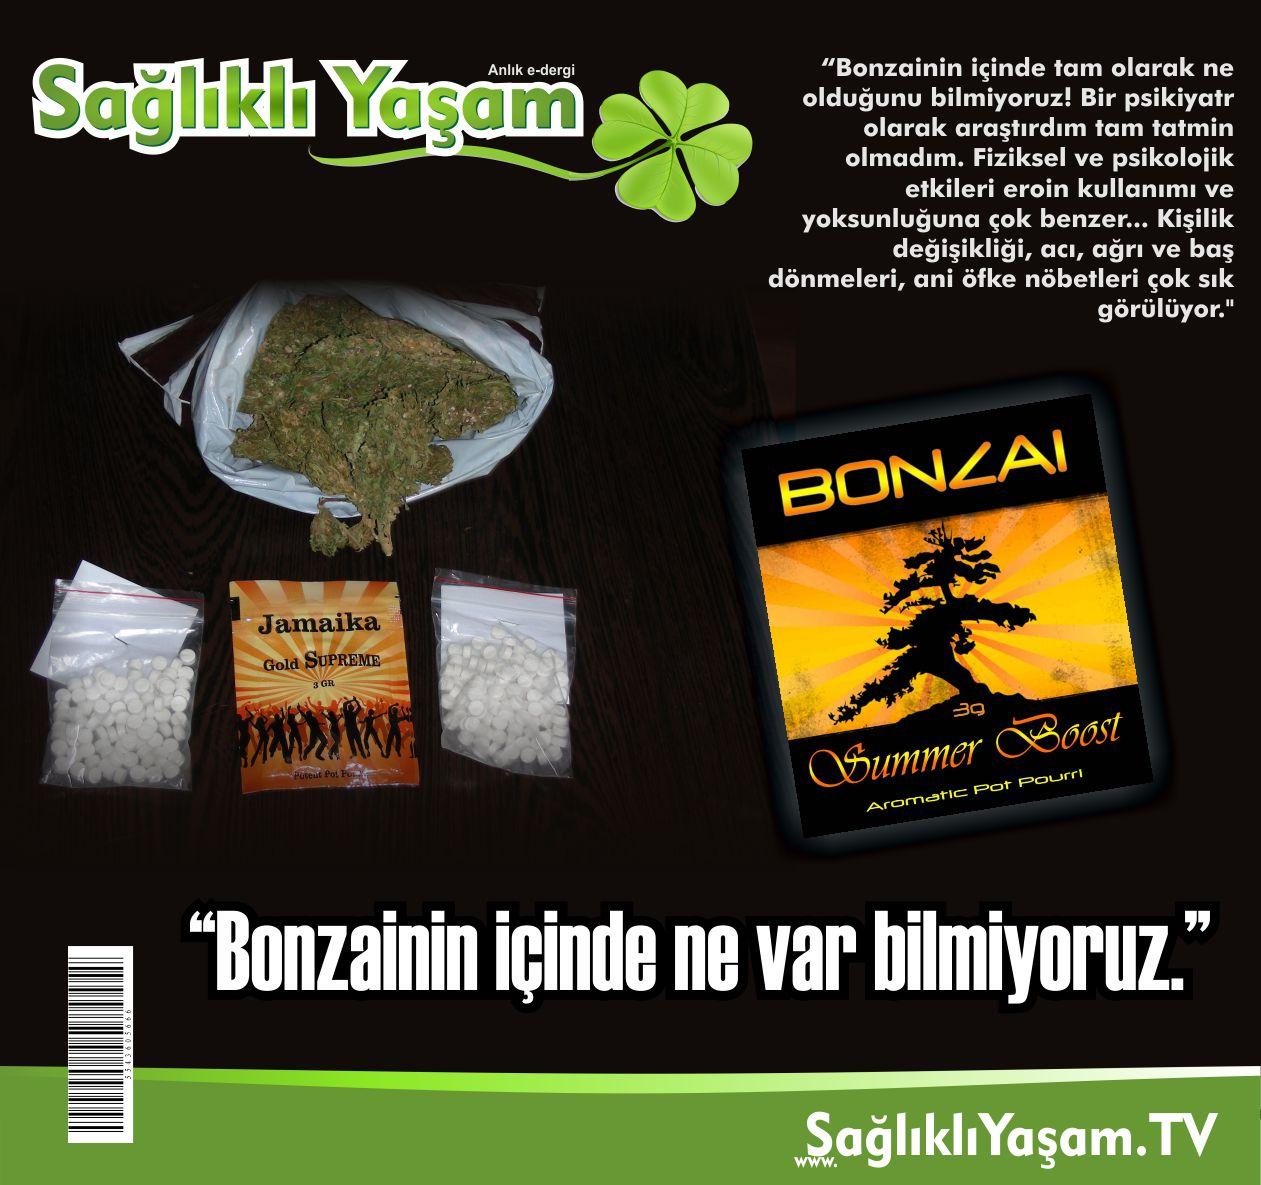 Zararlı alışkanlıklar, Uyuşturucu madde, Uyuşturucu bağımlılığı, Bonzai, Kötü alışkanlılar, Madde bağımlılığı, Sağlıklı Yaşam,